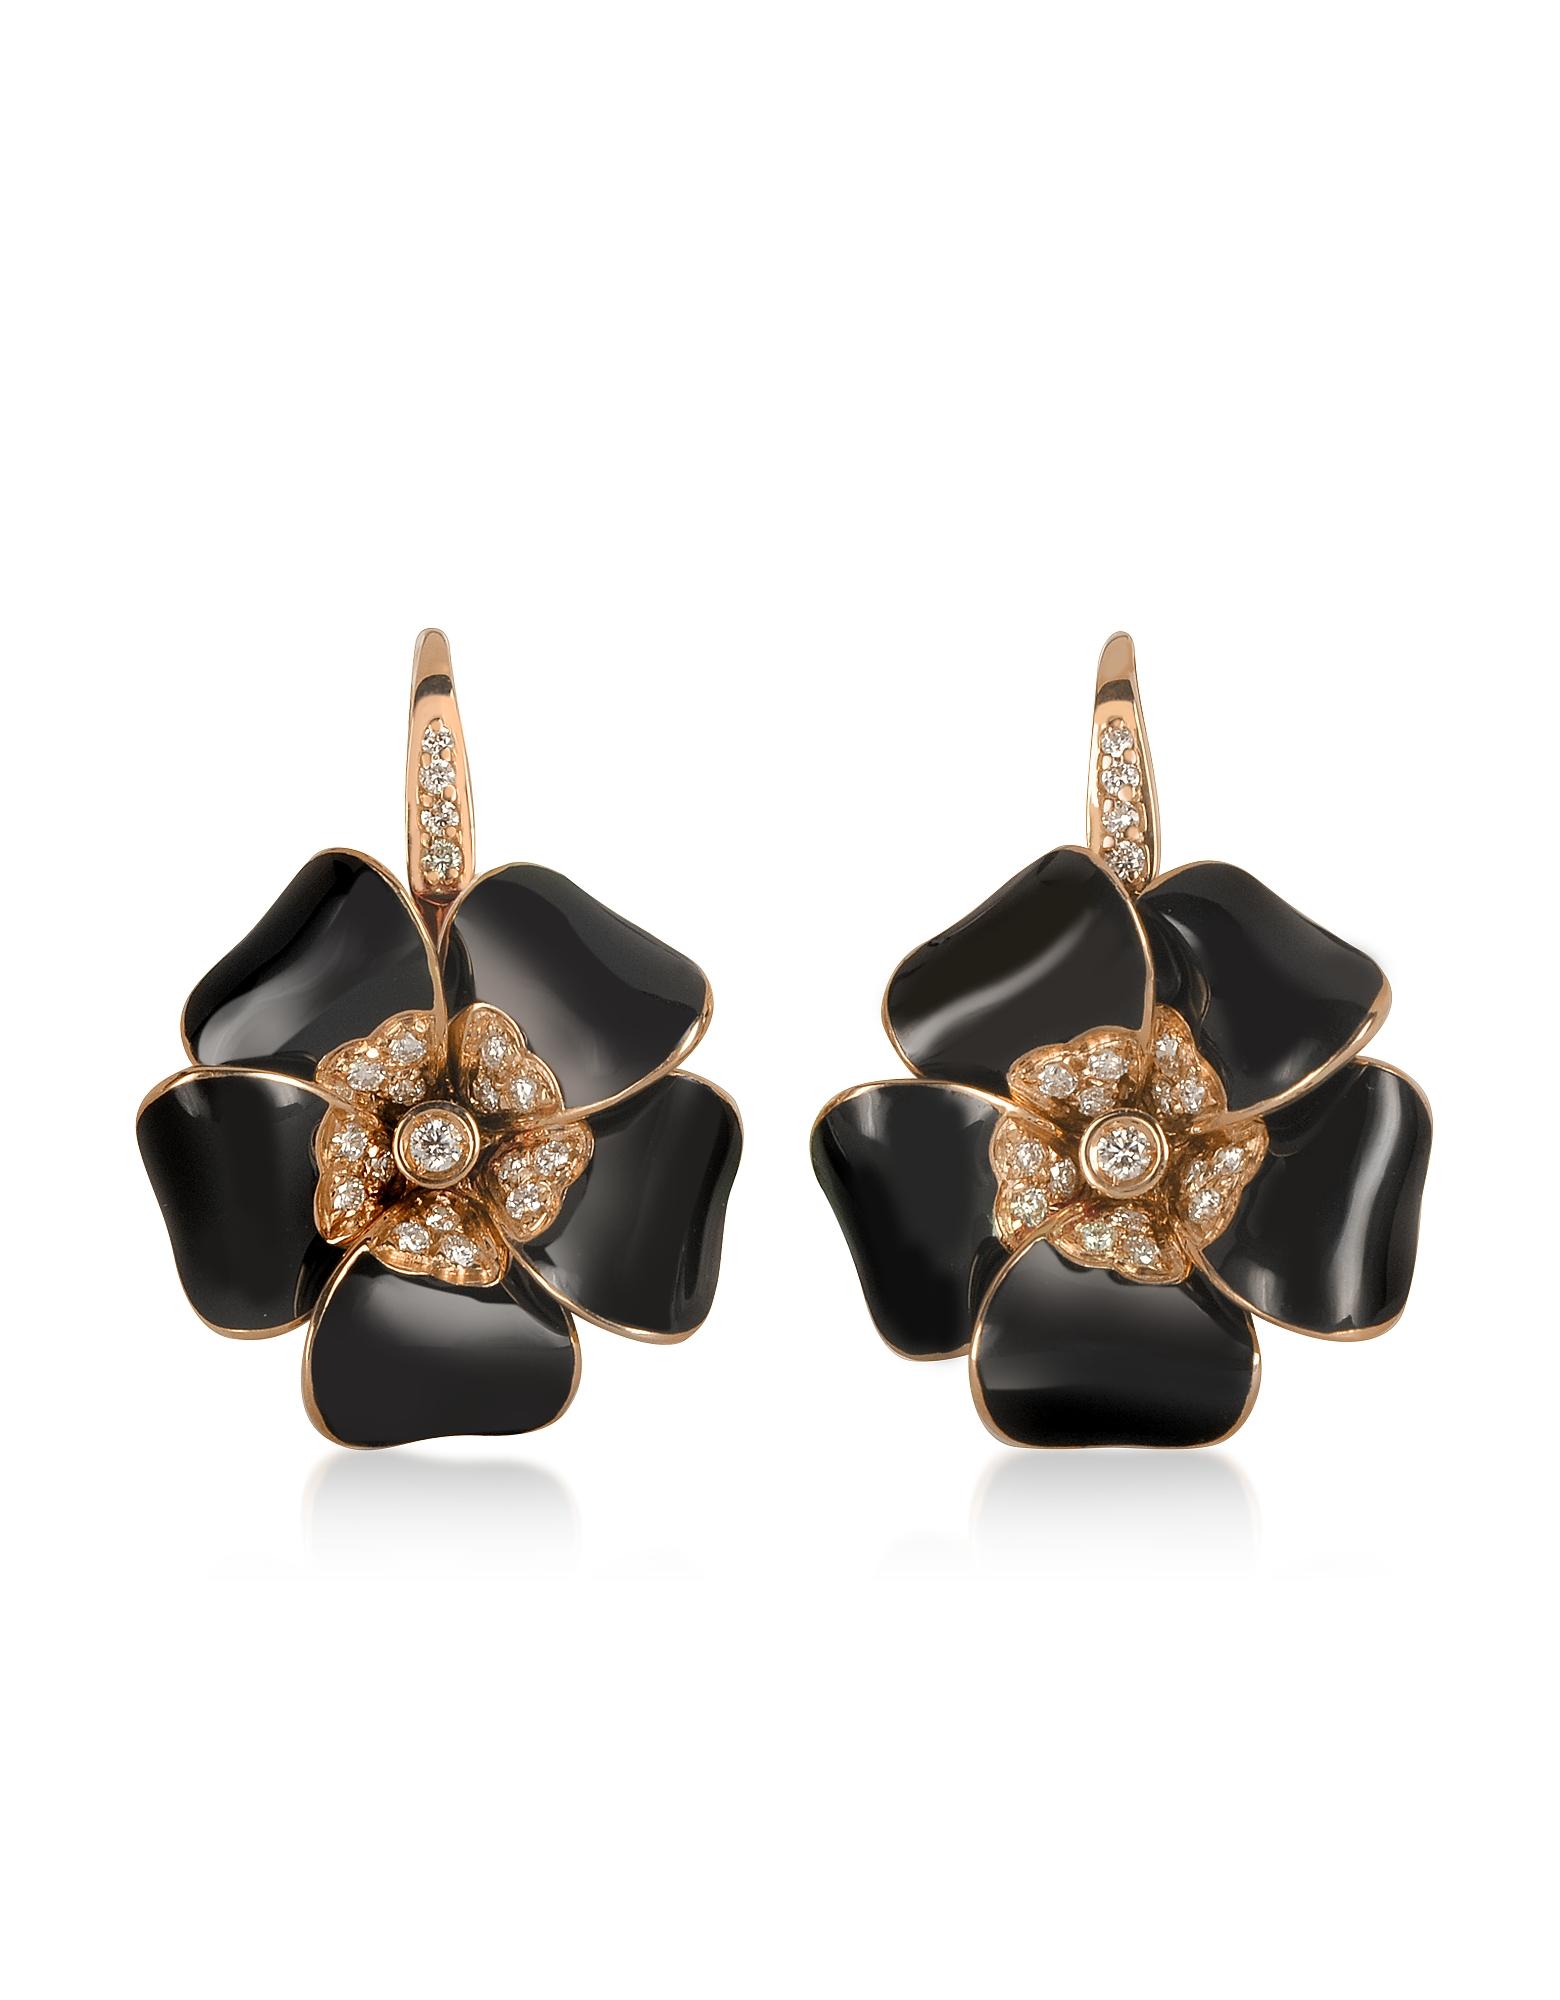 Rosato Designer Earrings, Rose Gold, Diamonds and Black Enamel Lily Earrings